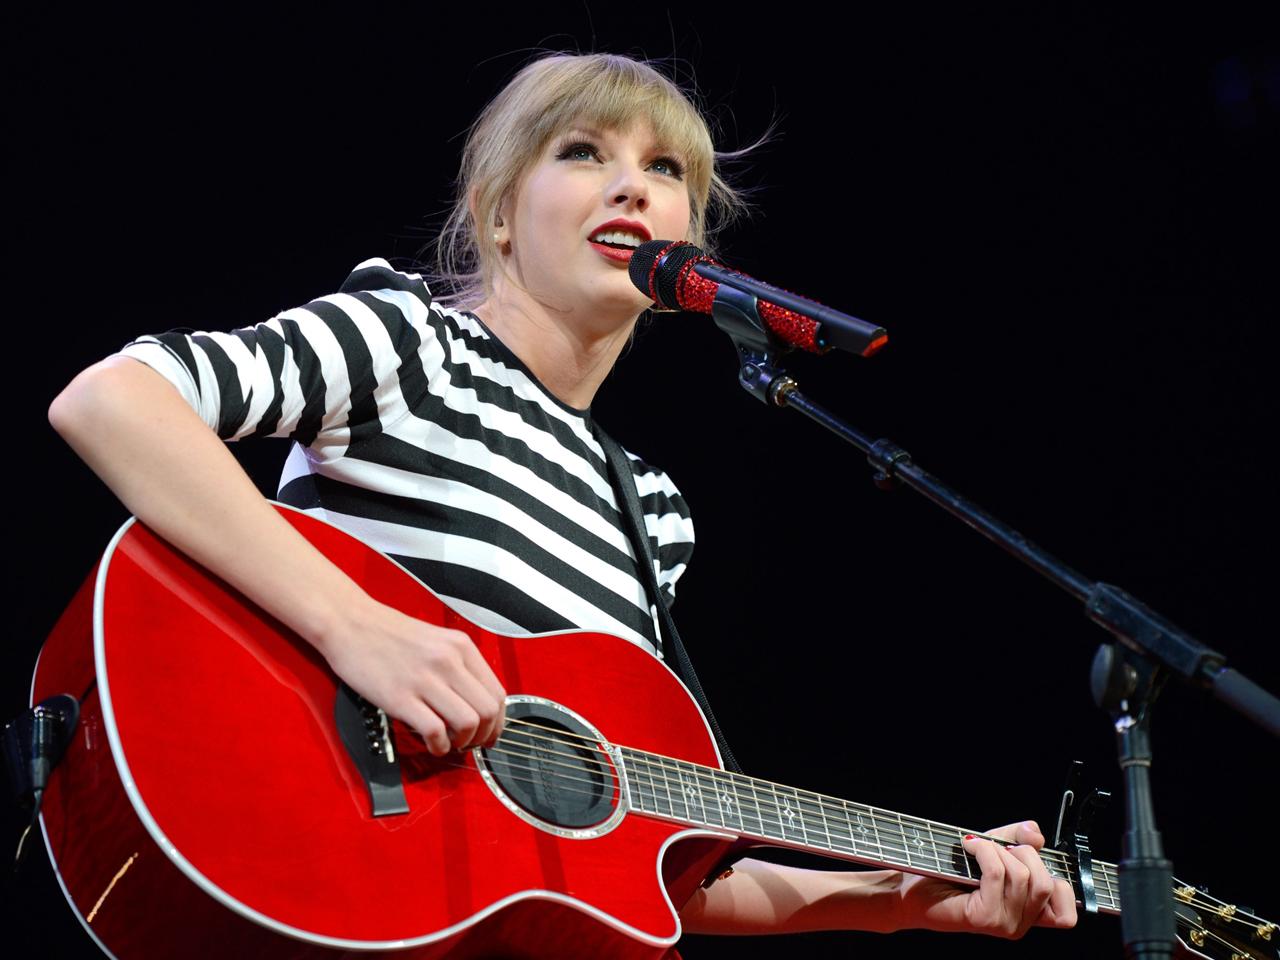 Taylor Swift Sends Touching Instagram Message To Bullied Teen Fan